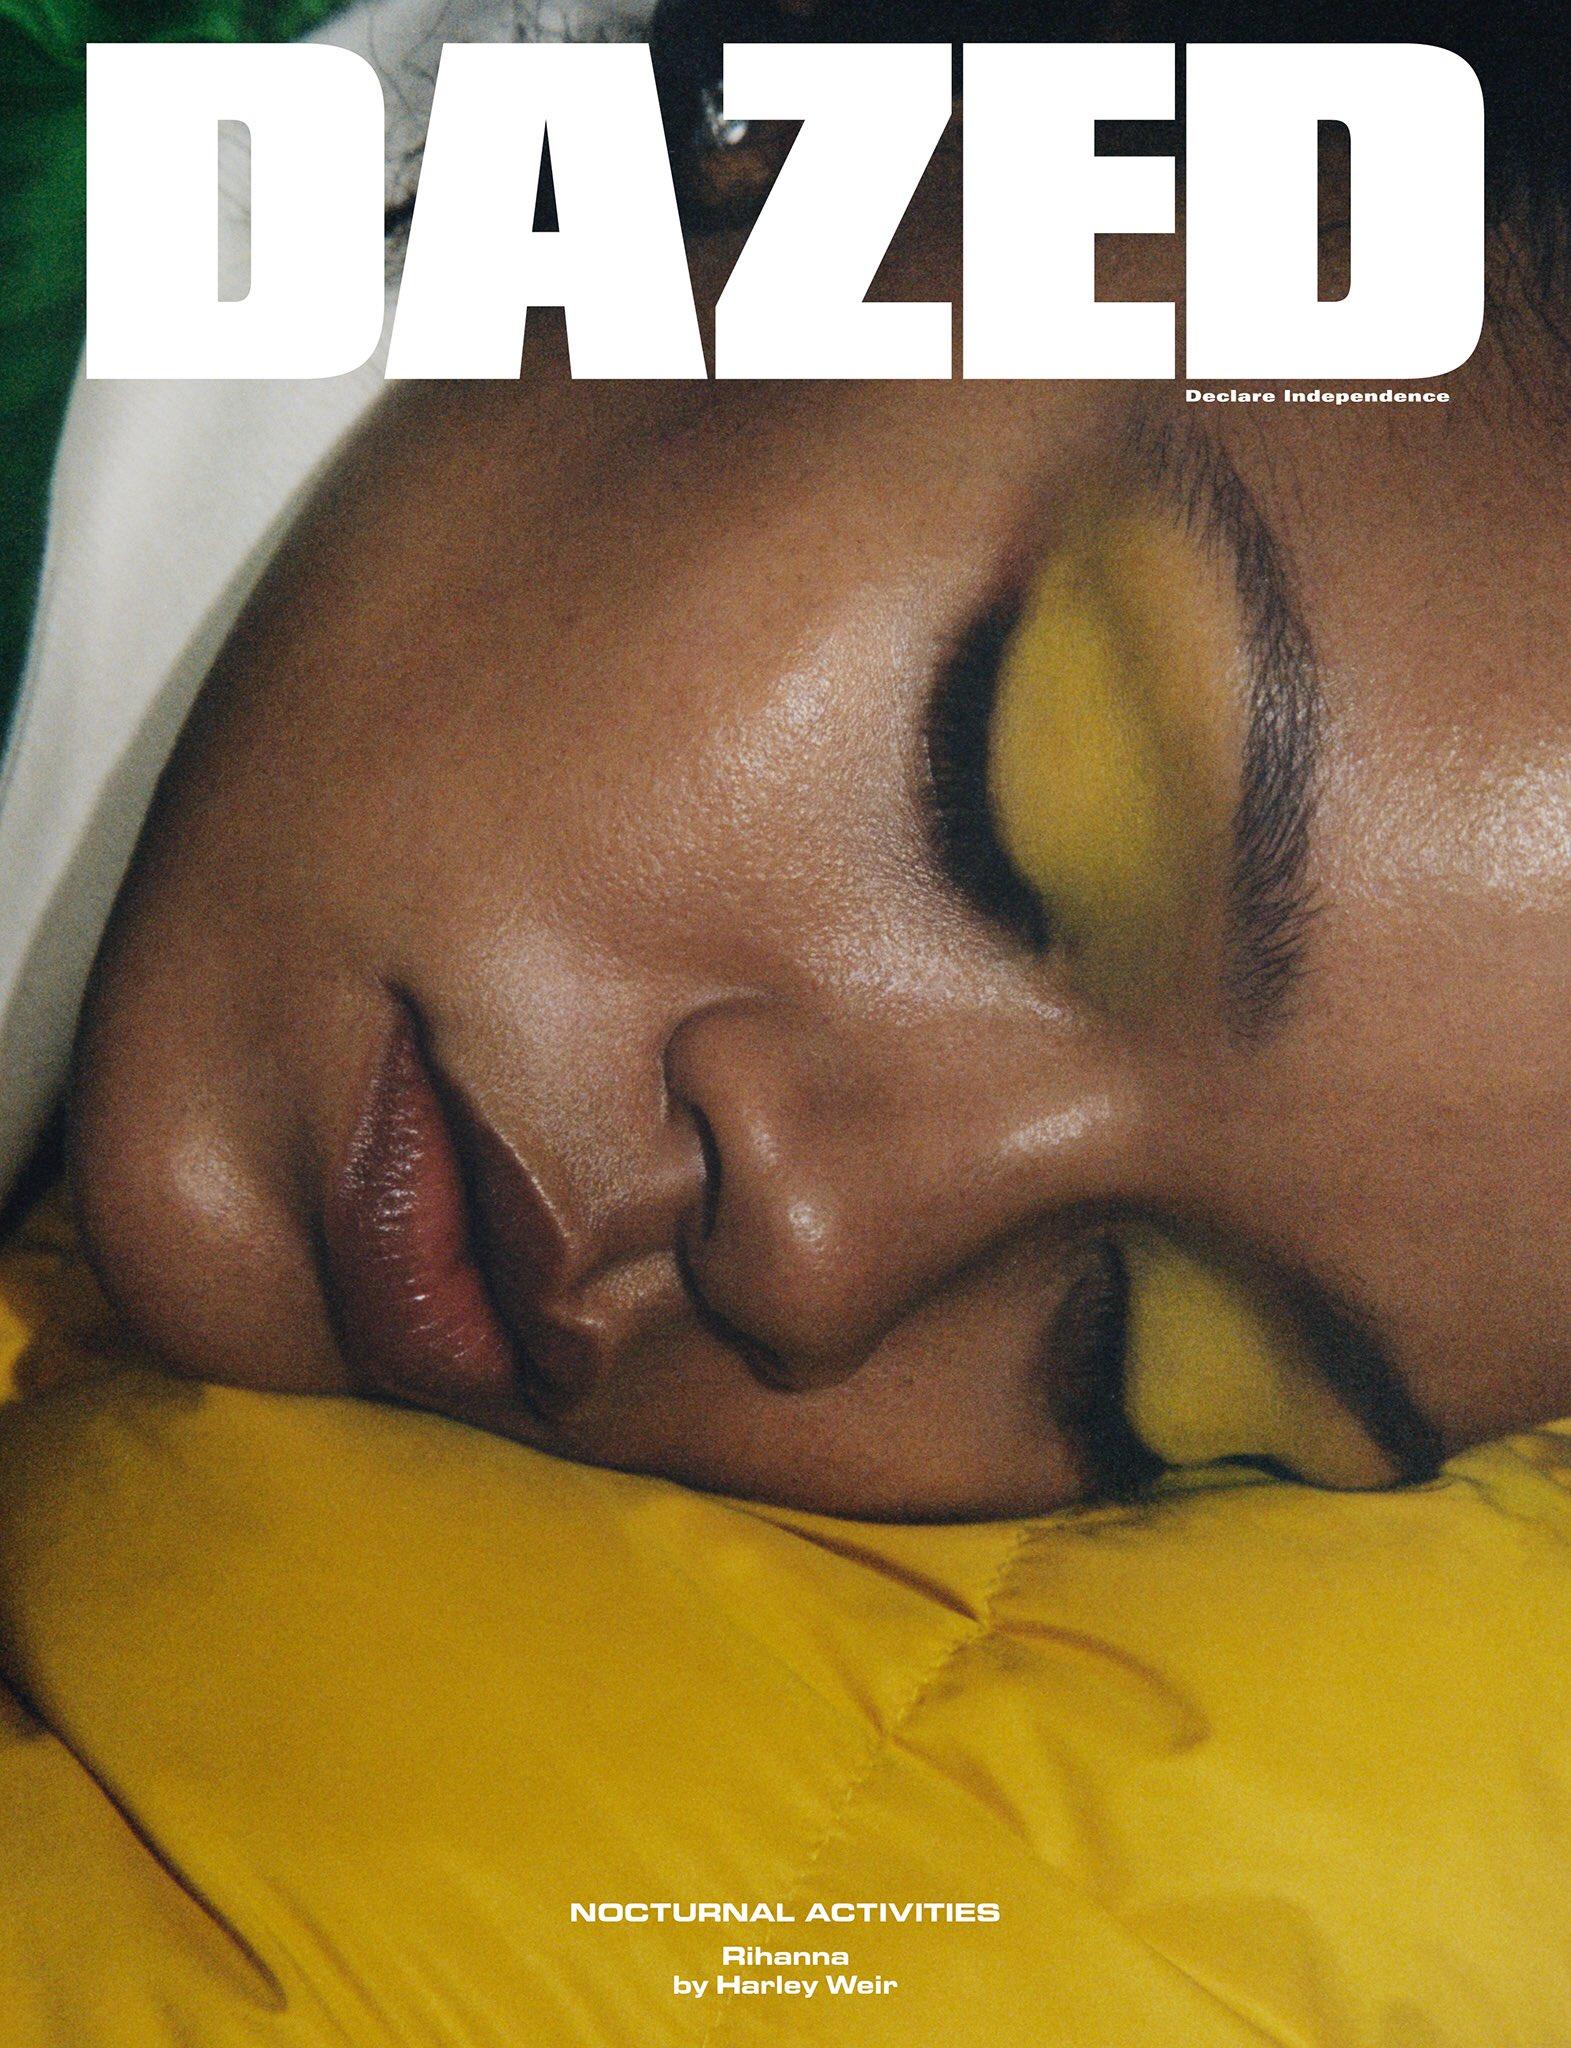 stay woke. @dazed cover 2/4 https://t.co/aUJGr6pTSs